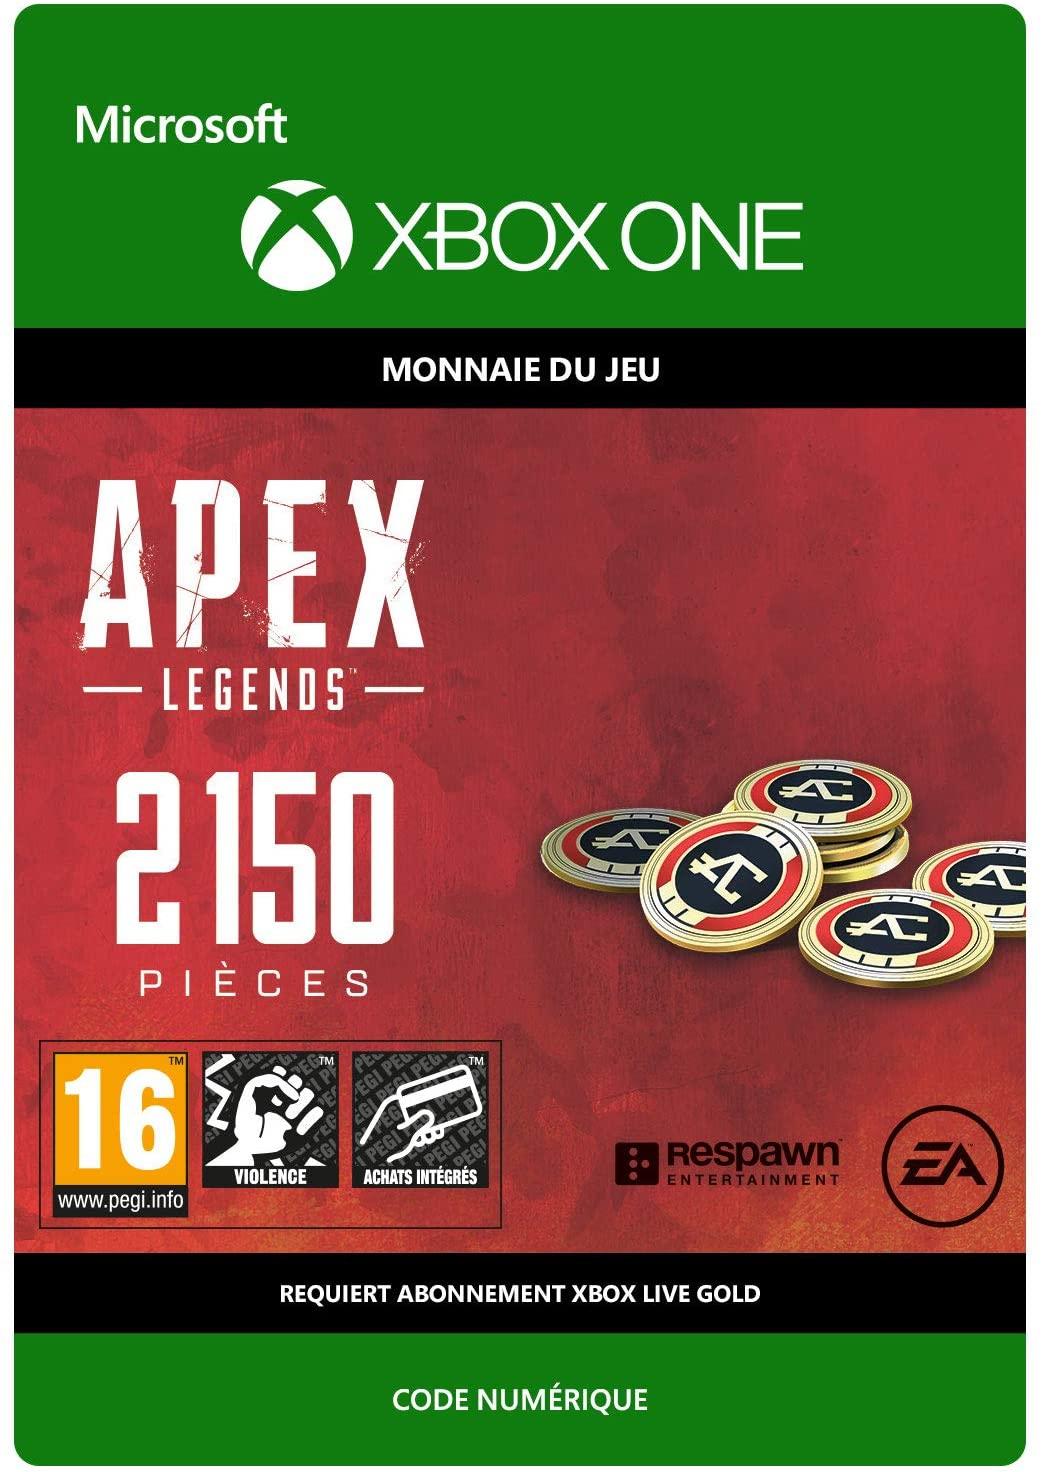 2150 Pièces pour Apex Legend sur Xbox One (Dématérialisé)